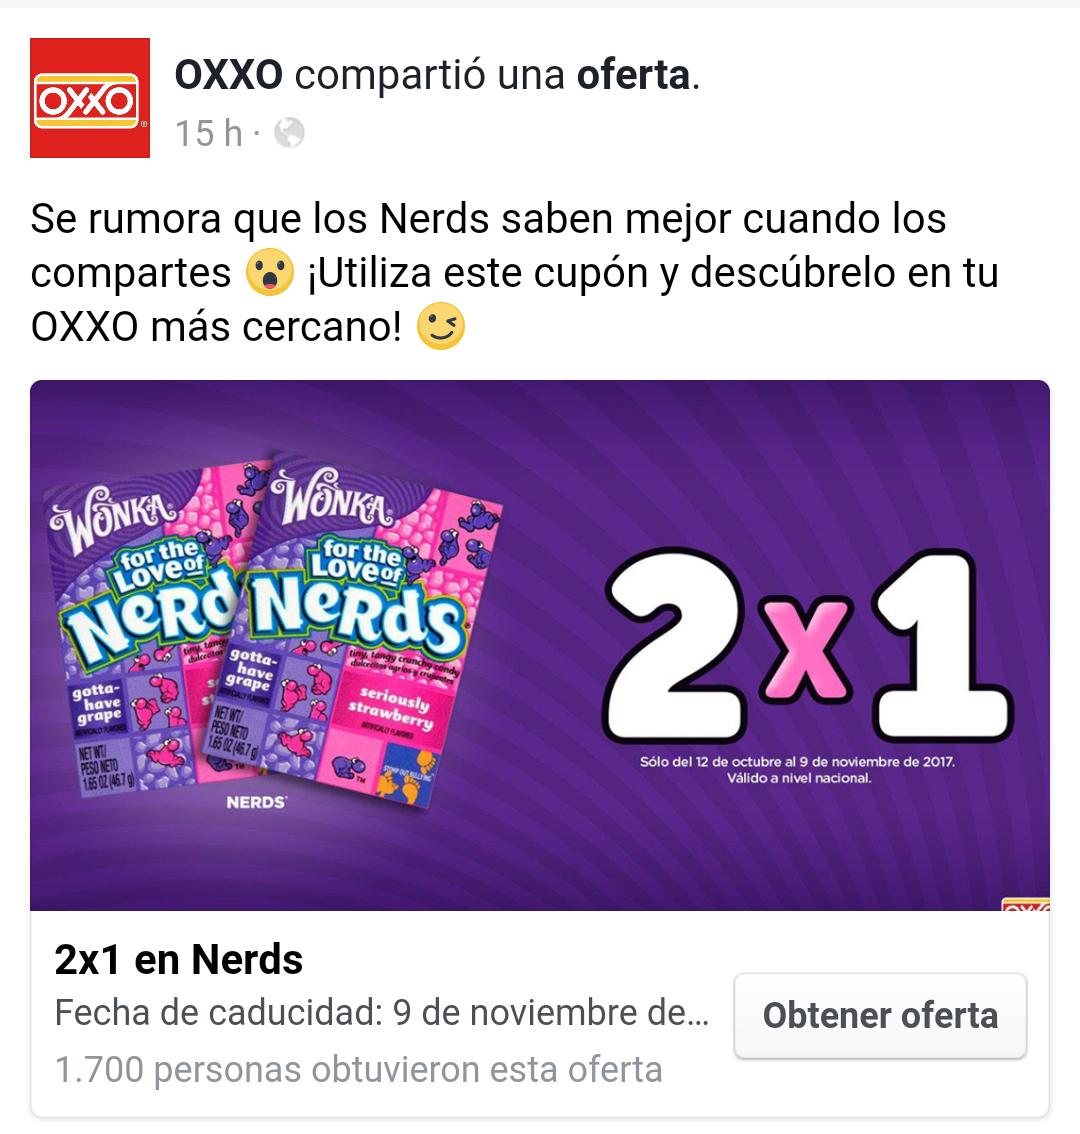 Oxxo: Cupón de nerds 2x1 (válido hasta el 9 de noviembre)